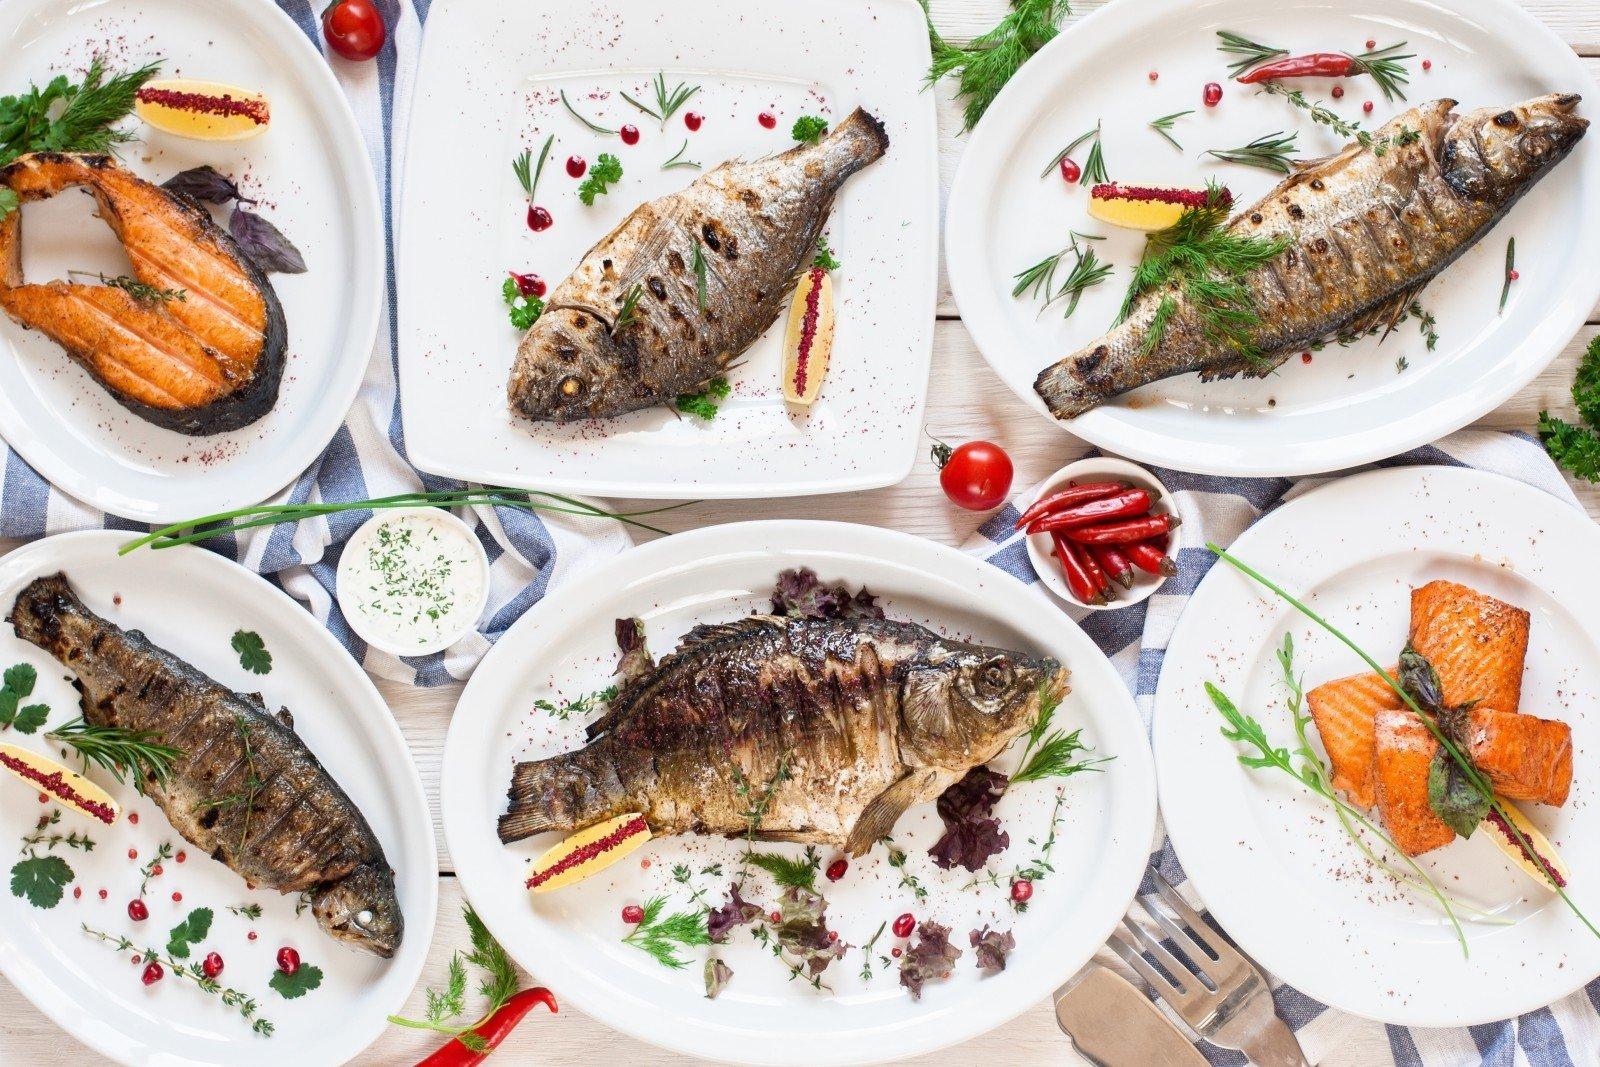 Žuvį valgyti sveika, tačiau kokios vertėtų atsisakyti | taf.lt